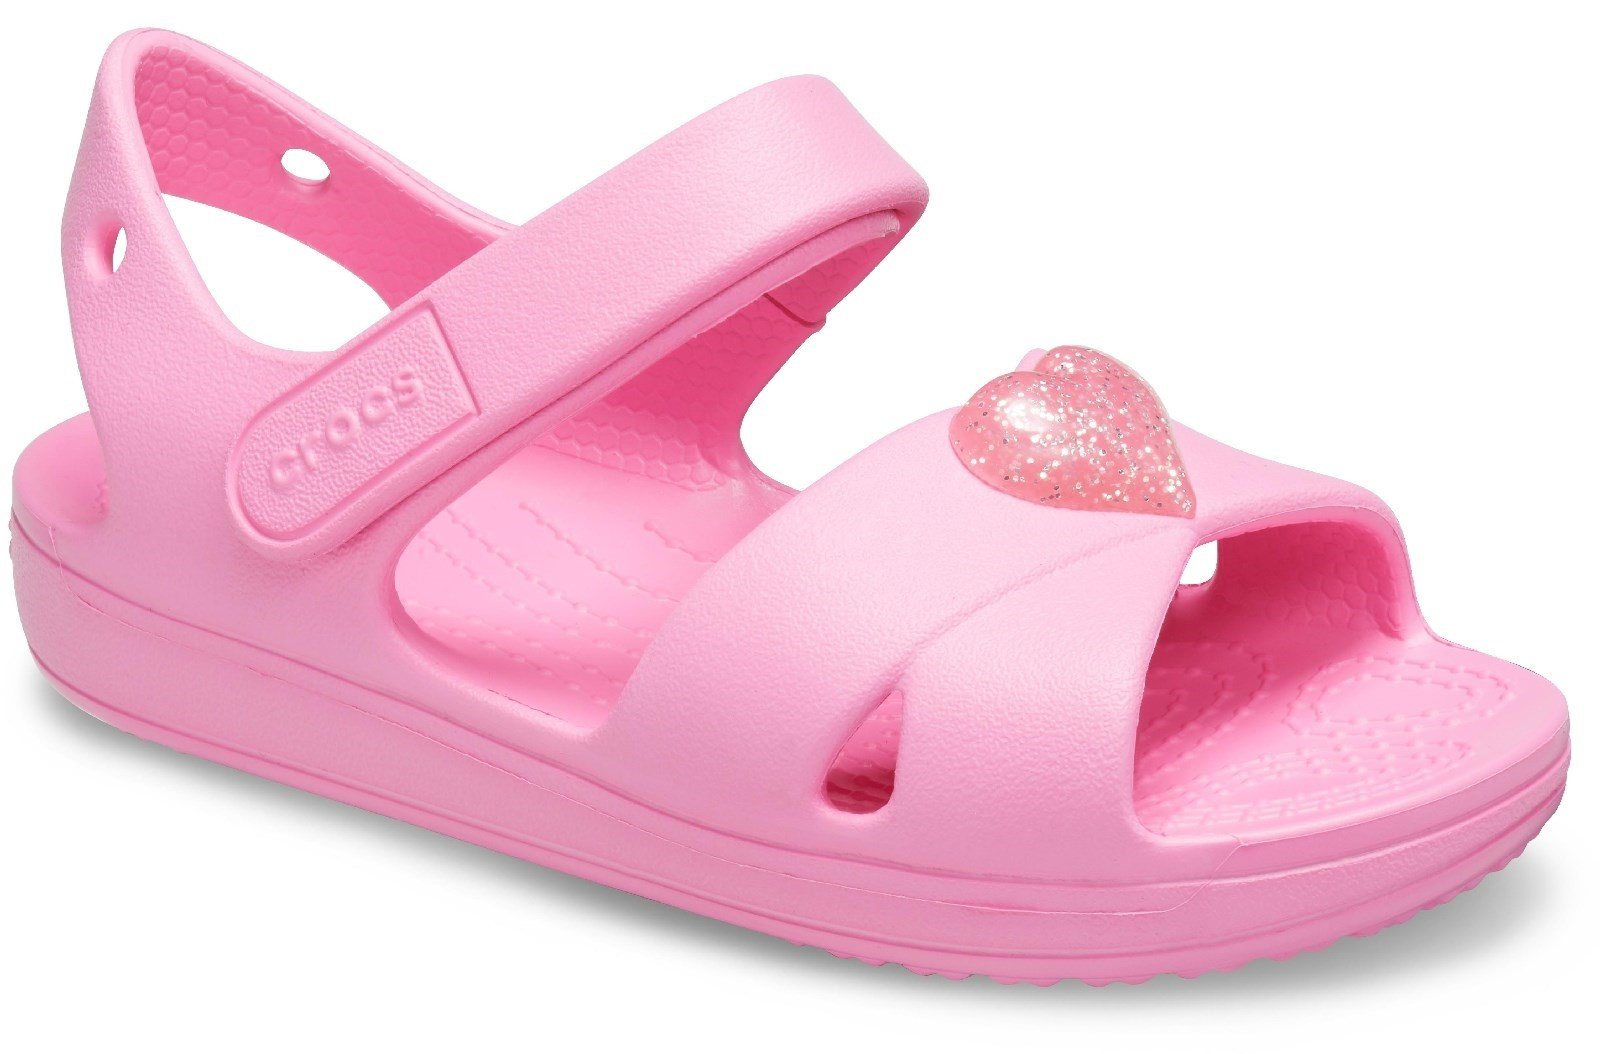 Crocs Kid's Cross Strap Sandal Pink Lemonade 30710 - Pink Lemonade 4